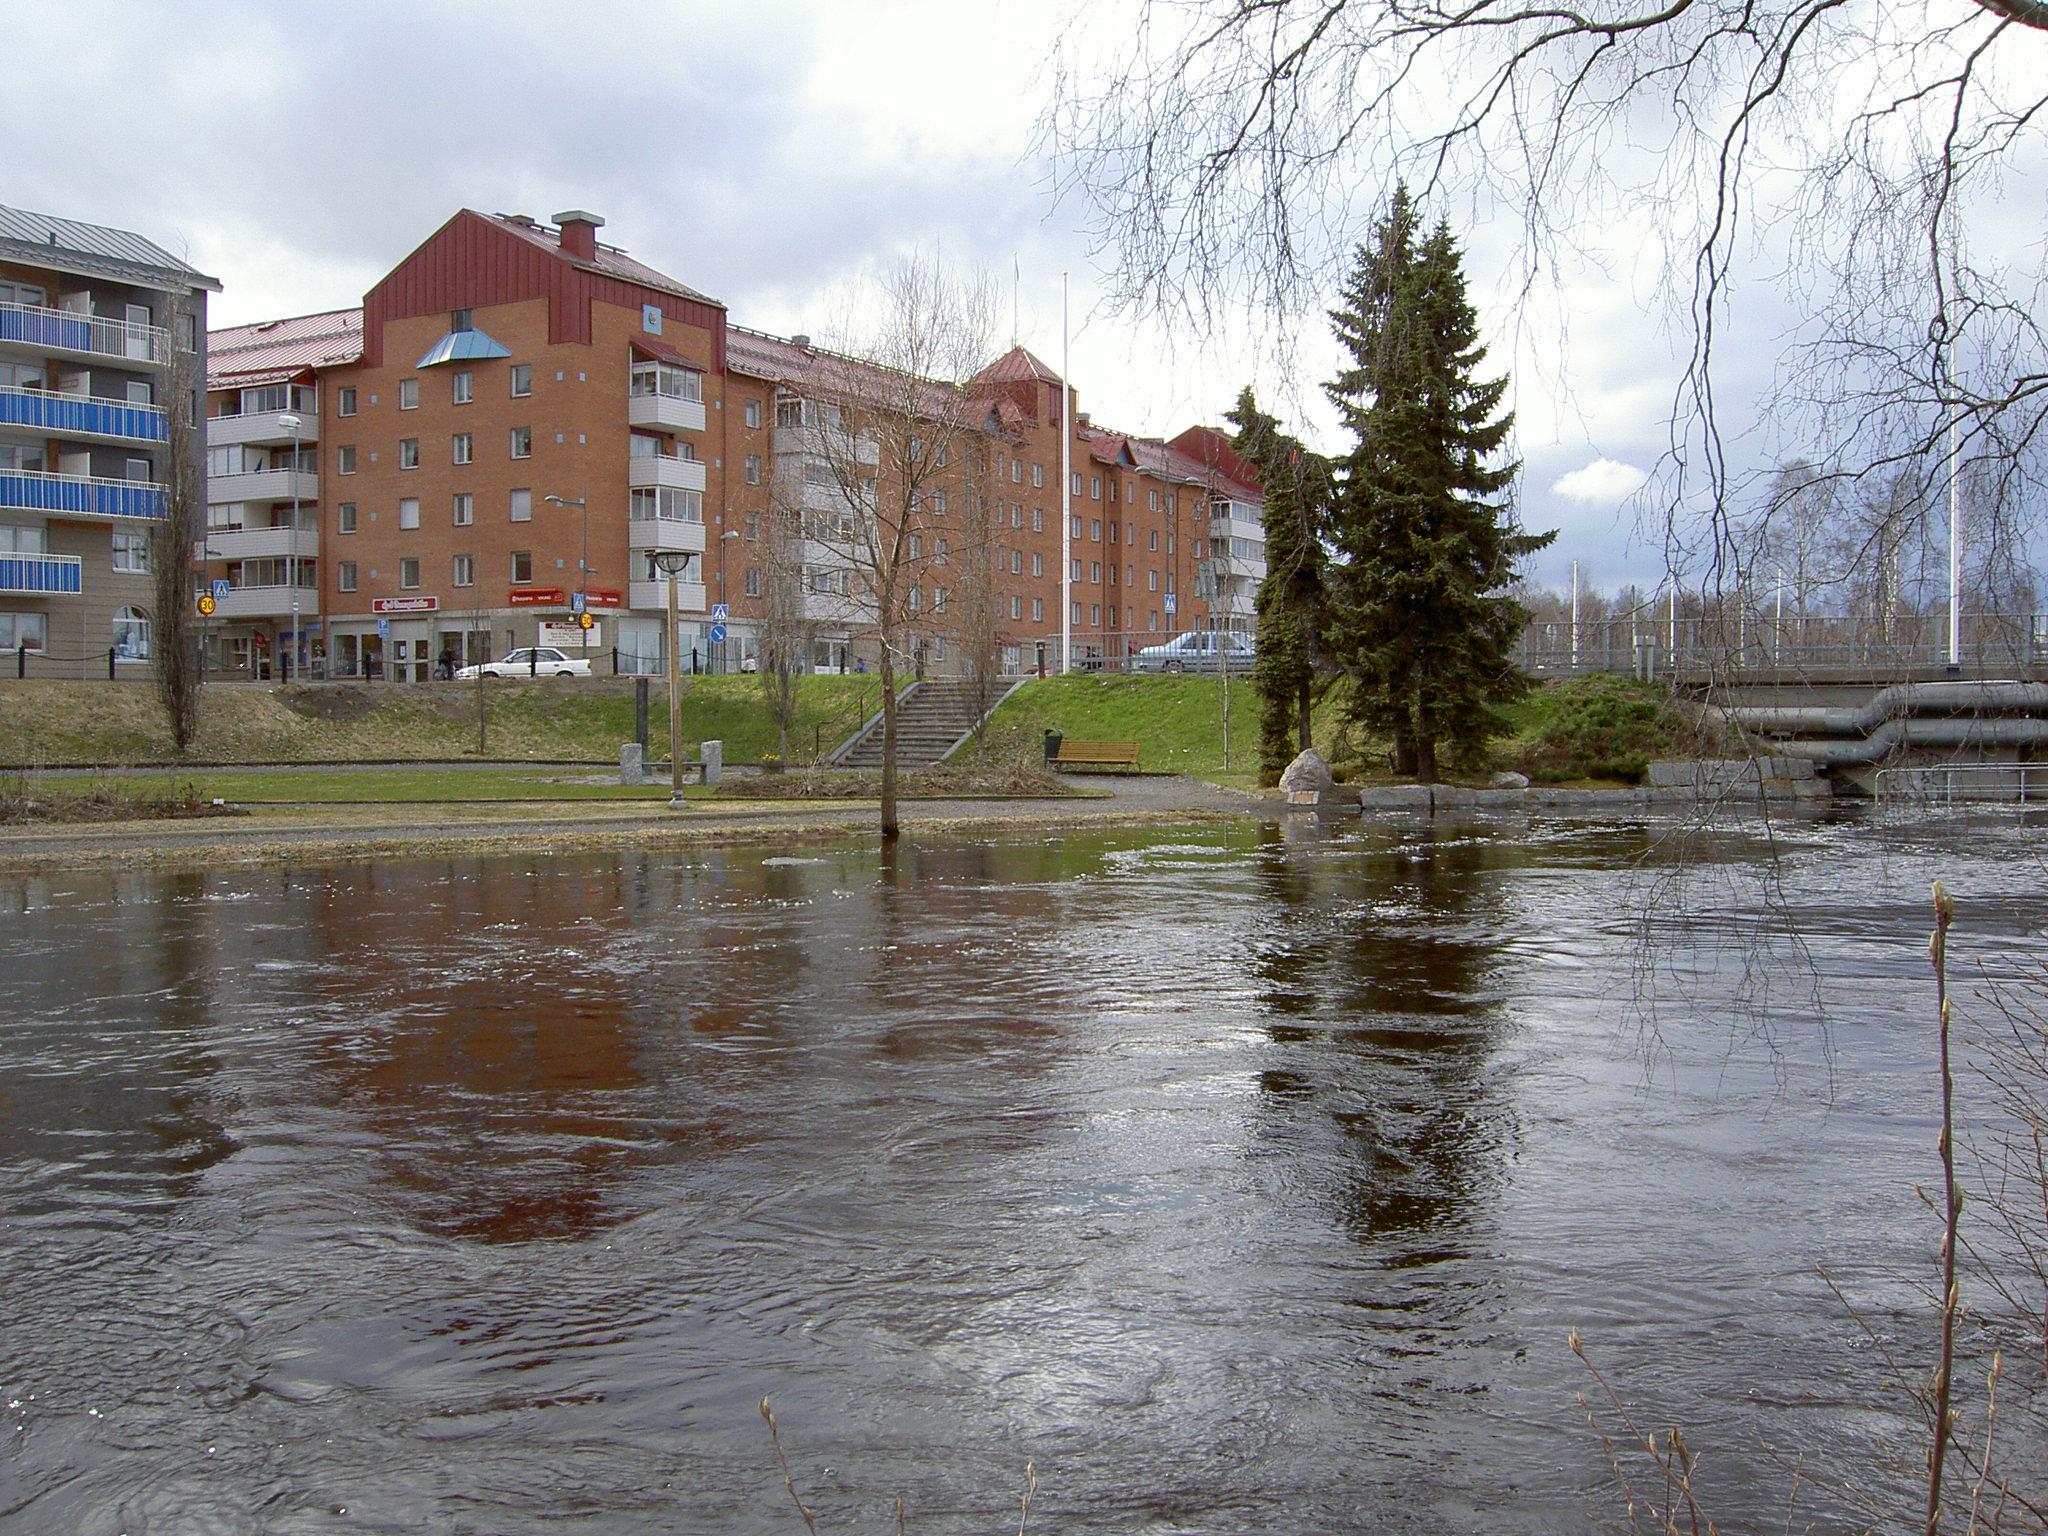 Sänkt vattennivå inför vårfloden